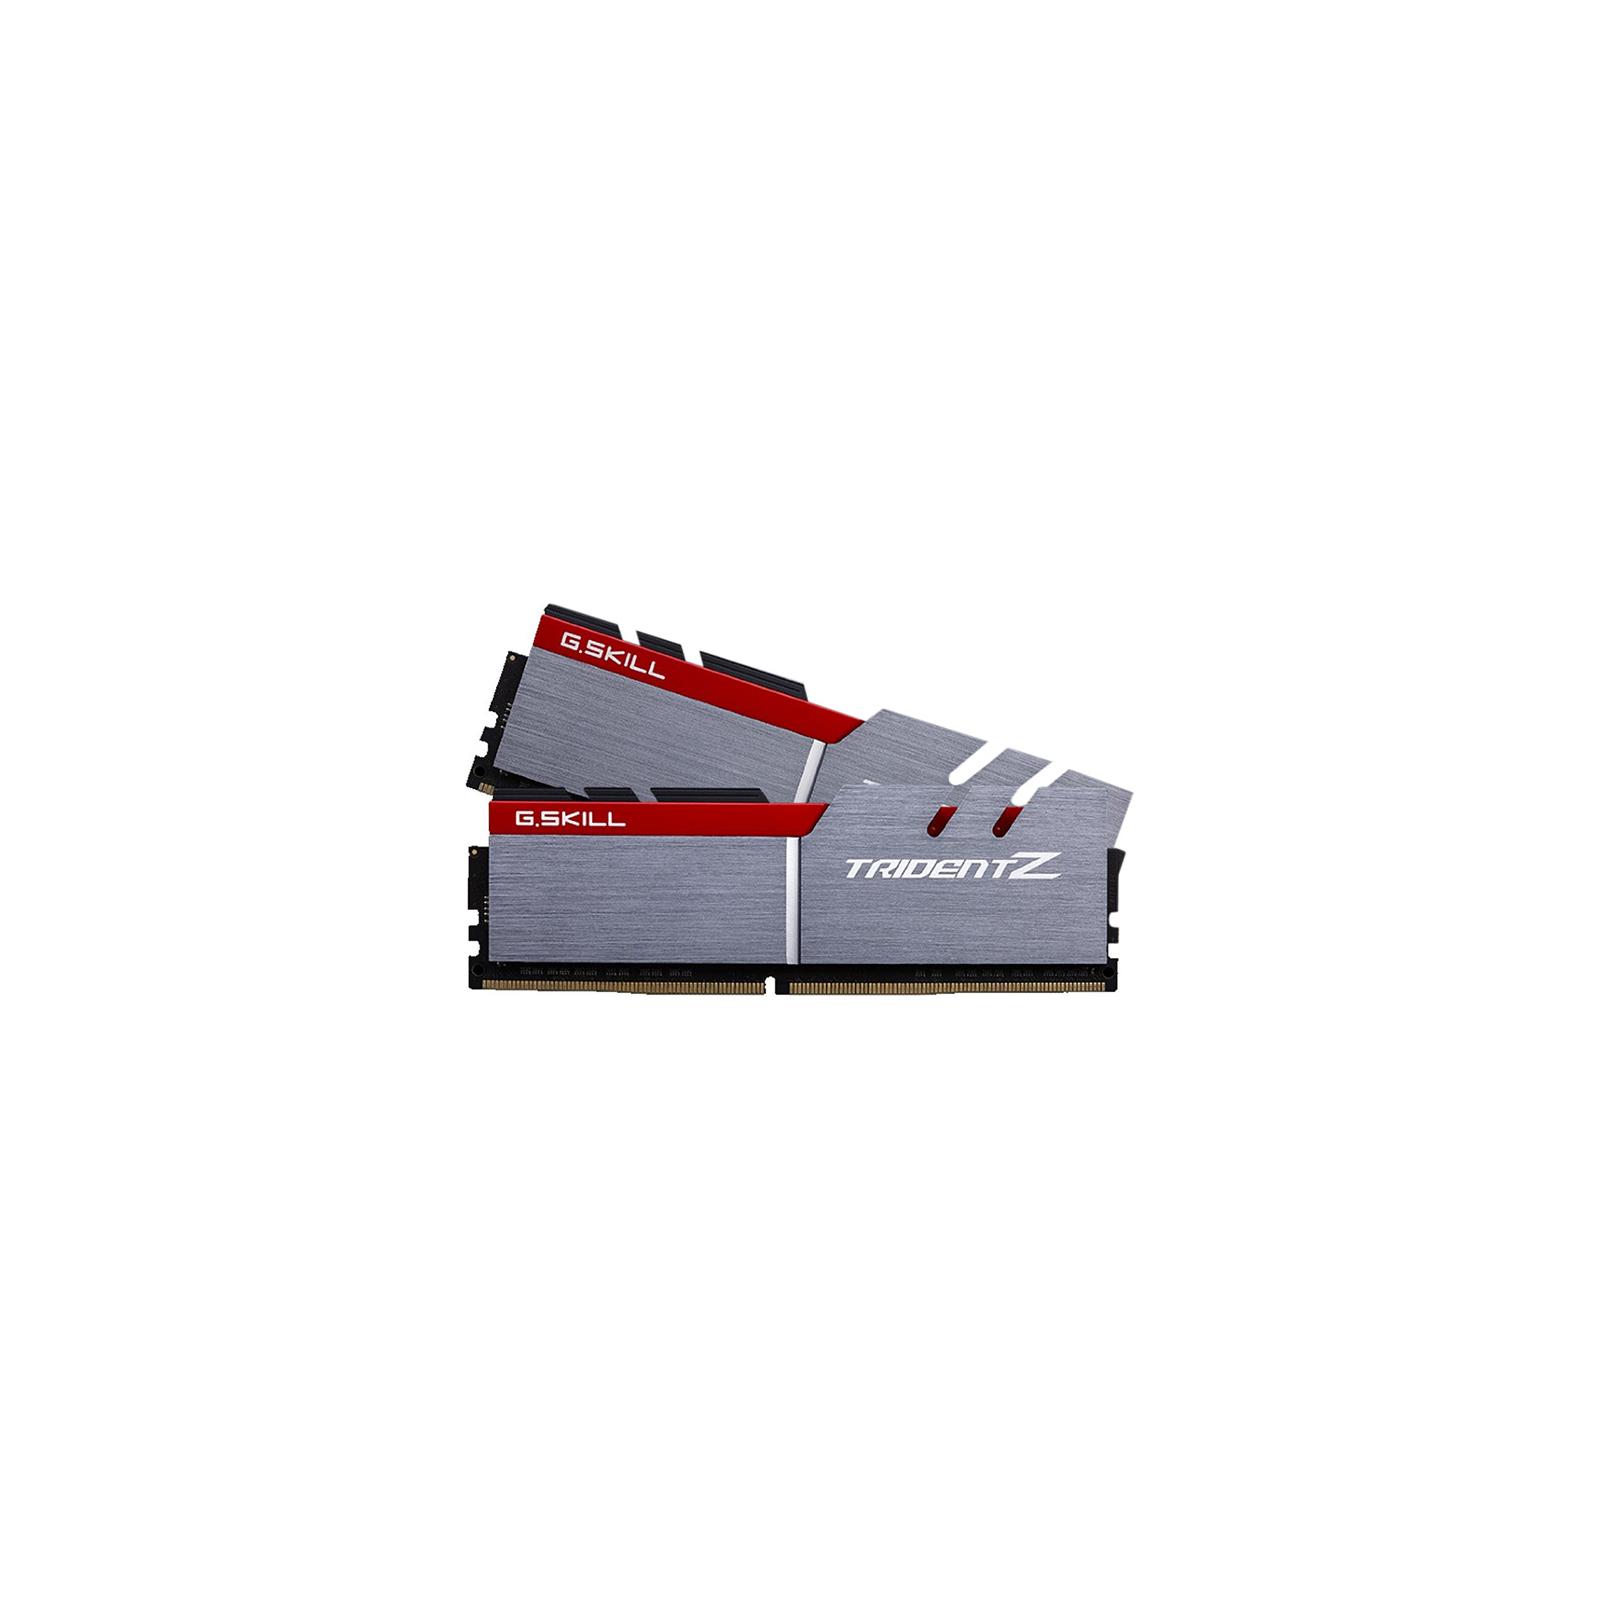 Модуль памяти для компьютера DDR4 16GB (2x8GB) 2800 MHz Trident Z G.Skill (F4-2800C15D-16GTZB) изображение 2